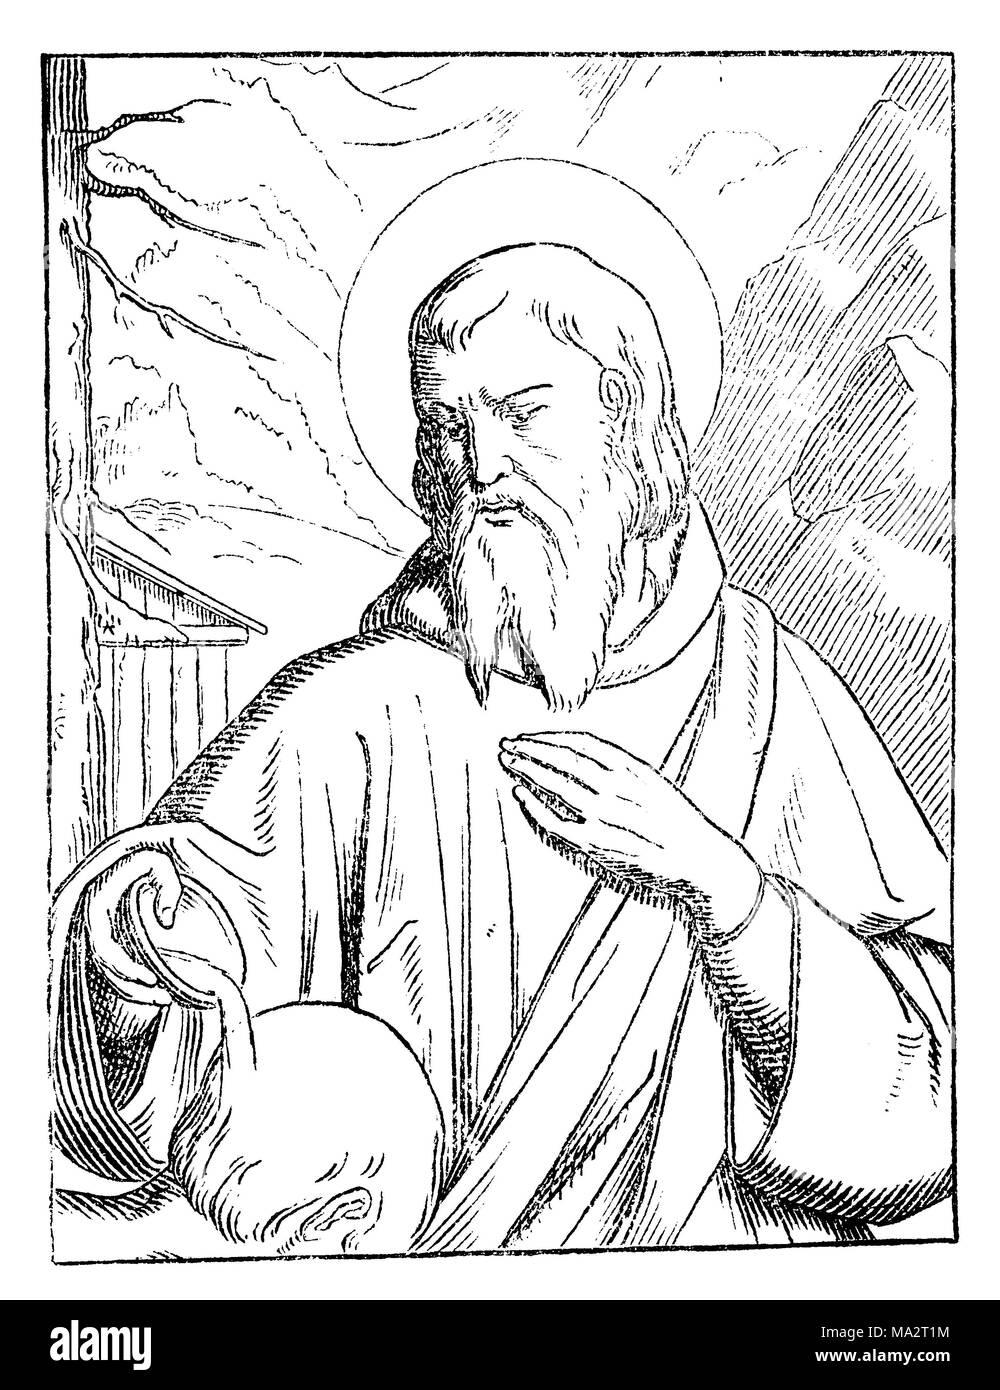 Saint Valentin, Valentine, Priester und Märtyrer, Bischof Valentin von Terni, der Bischof von Terni Interamna (jetzt), Namensgeber der Valentinstag Stockbild